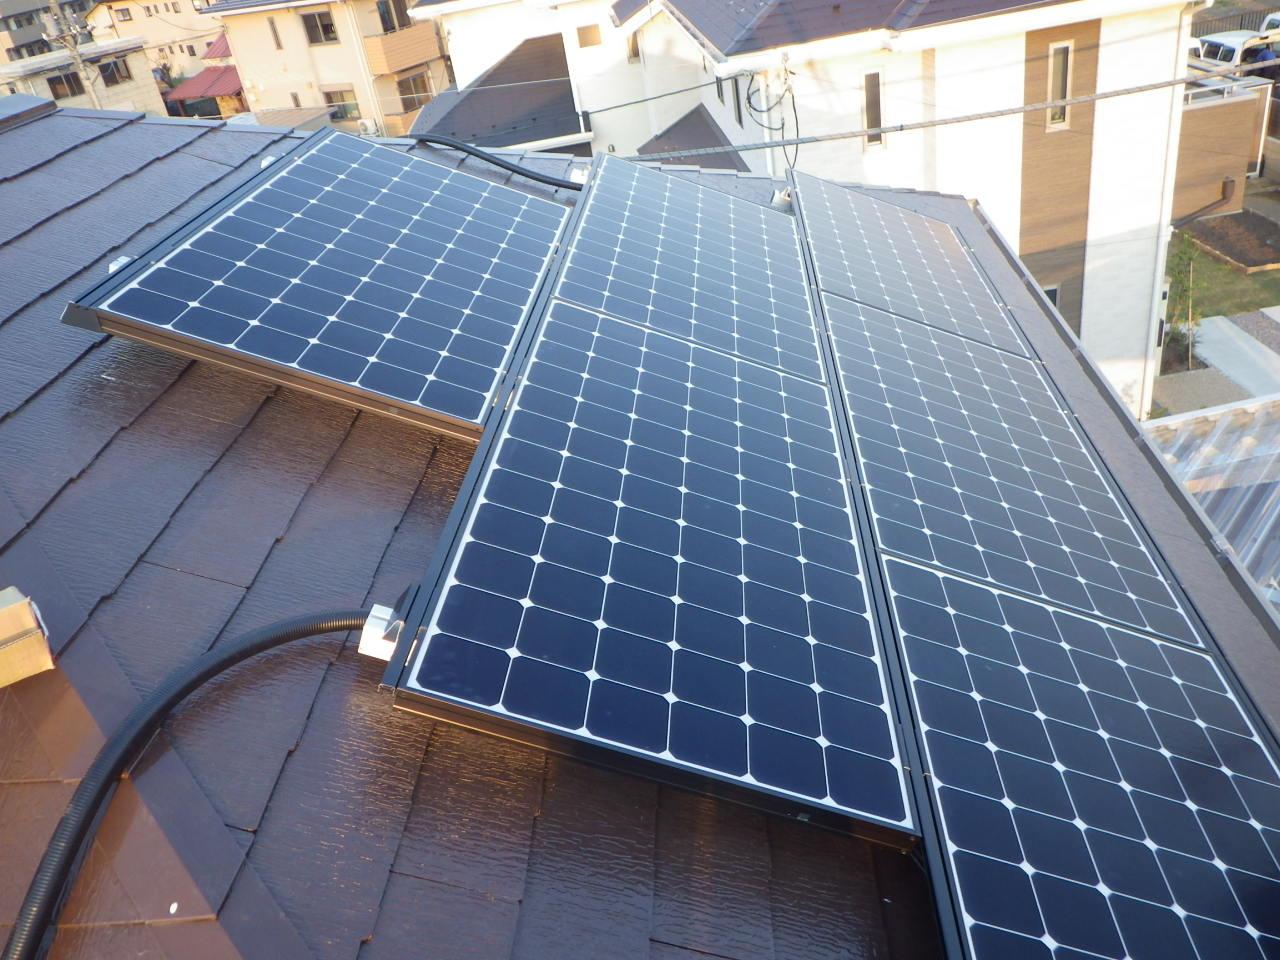 化粧スレート屋根への太陽光発電システム設置工事を行いました。in宇都宮市